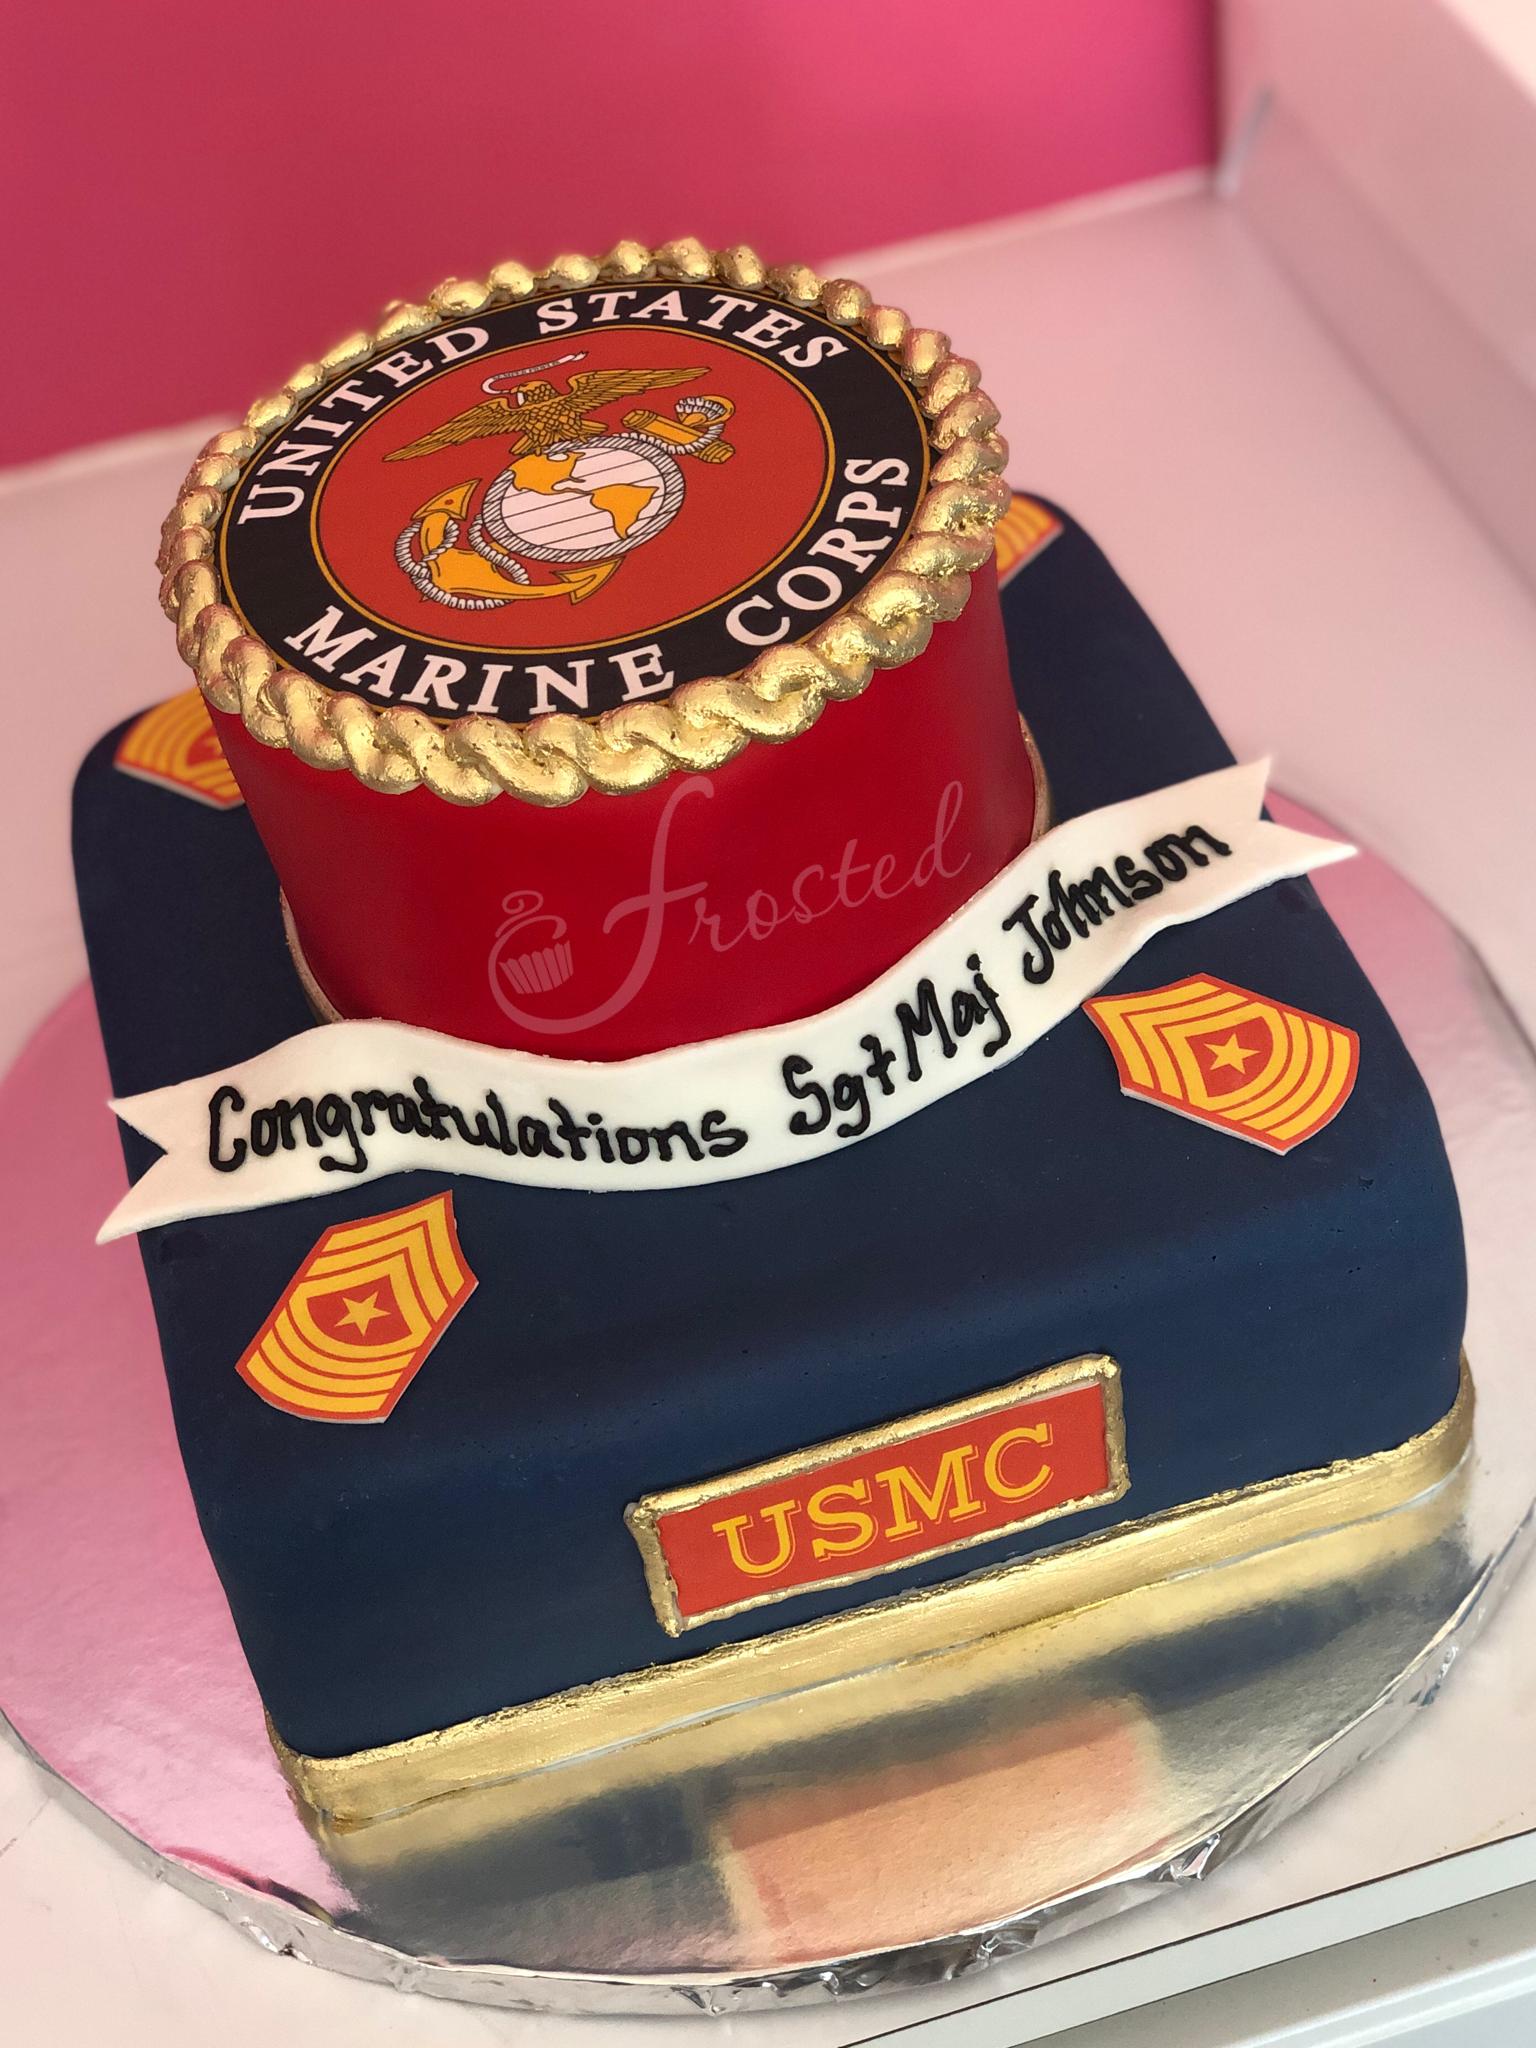 Marine Corps SgtMaj promotioncake cake militarycake